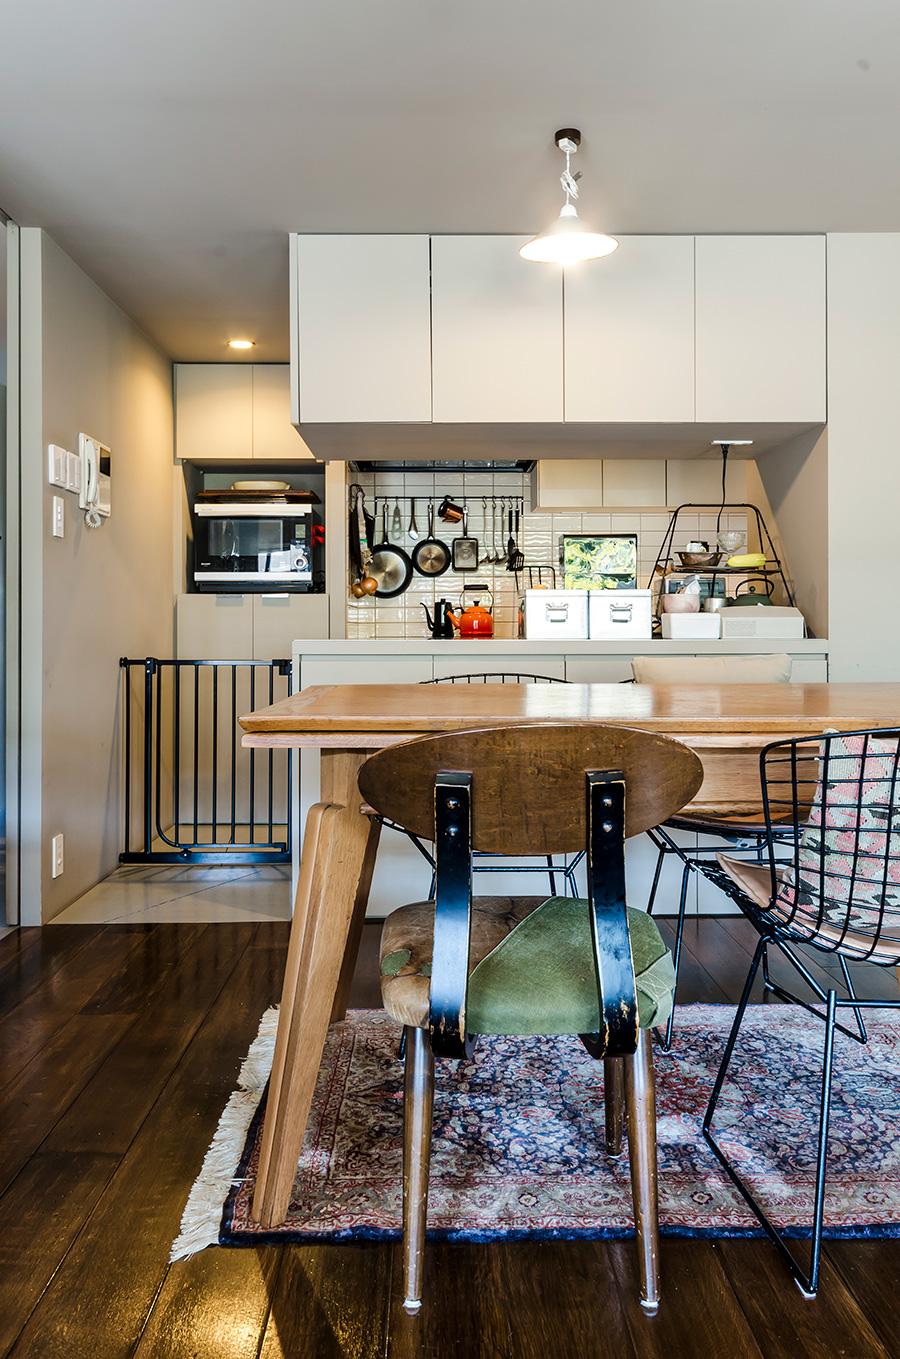 グレーベージュの塗装に、椅子やキッチンに取り入れたアイアンの黒が映える。